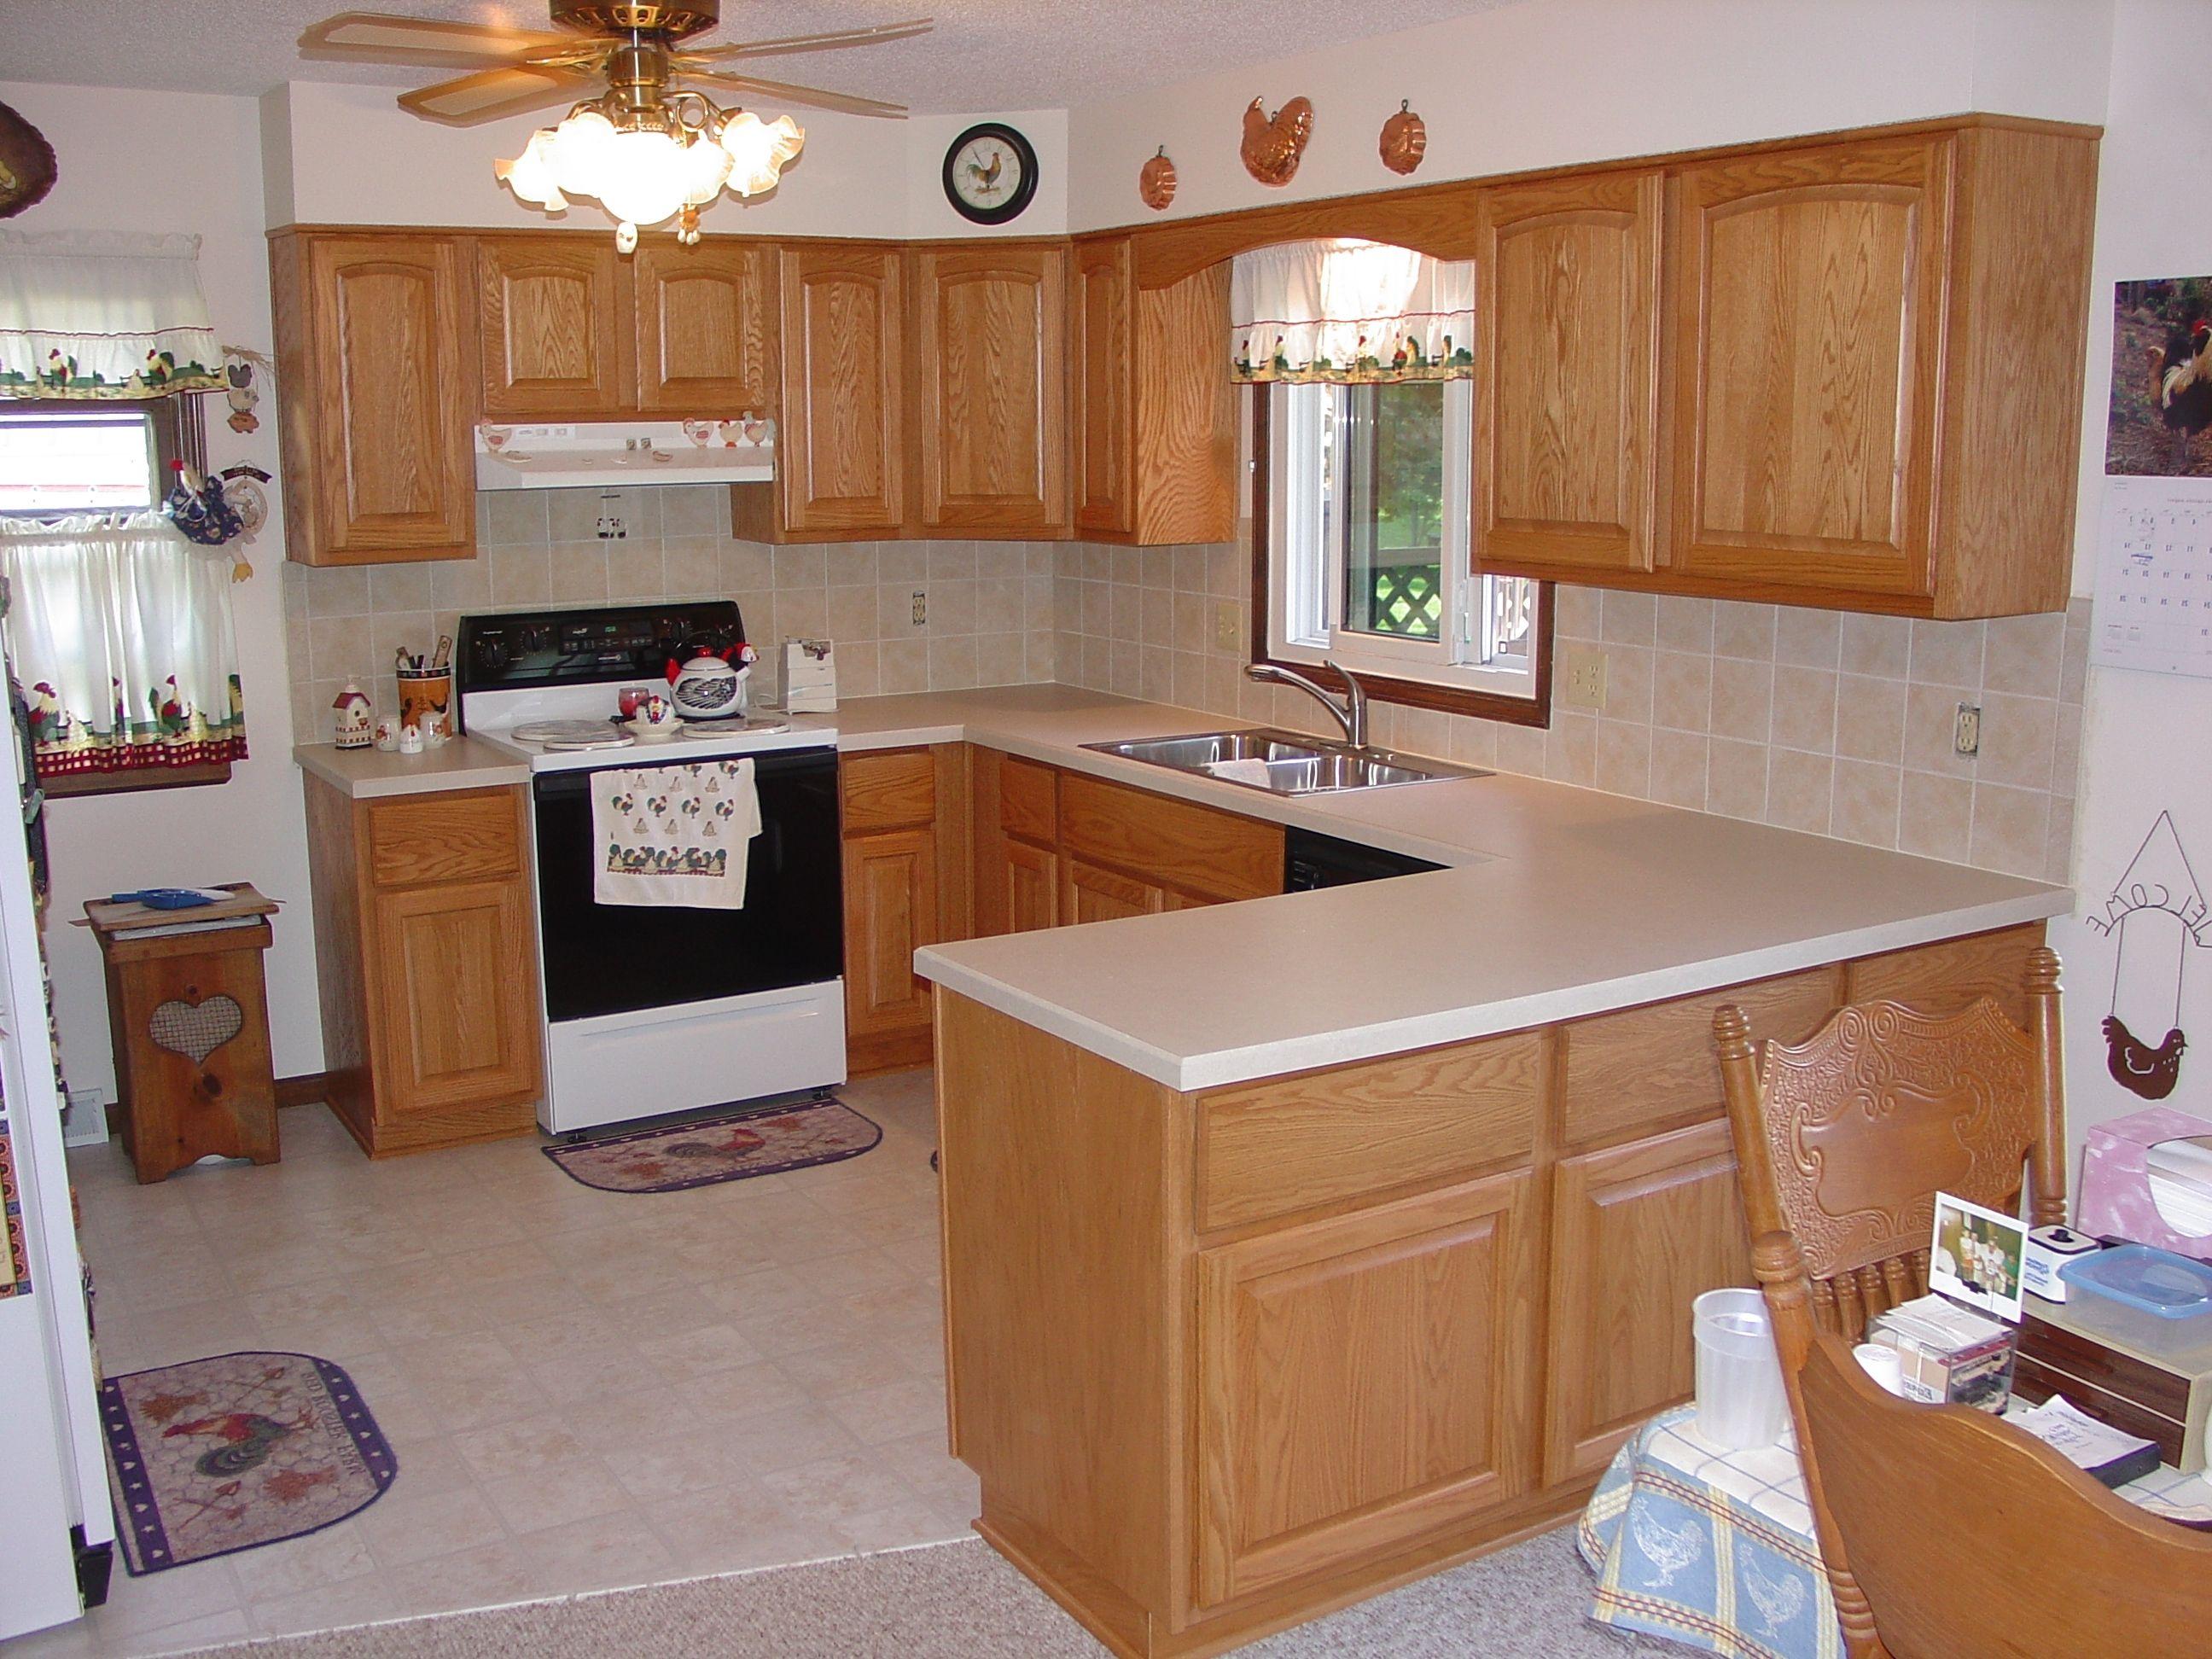 Küchenschränke für kleine küchen  rare ecke top küche kabinett ideen bilder  so weit wie ihre